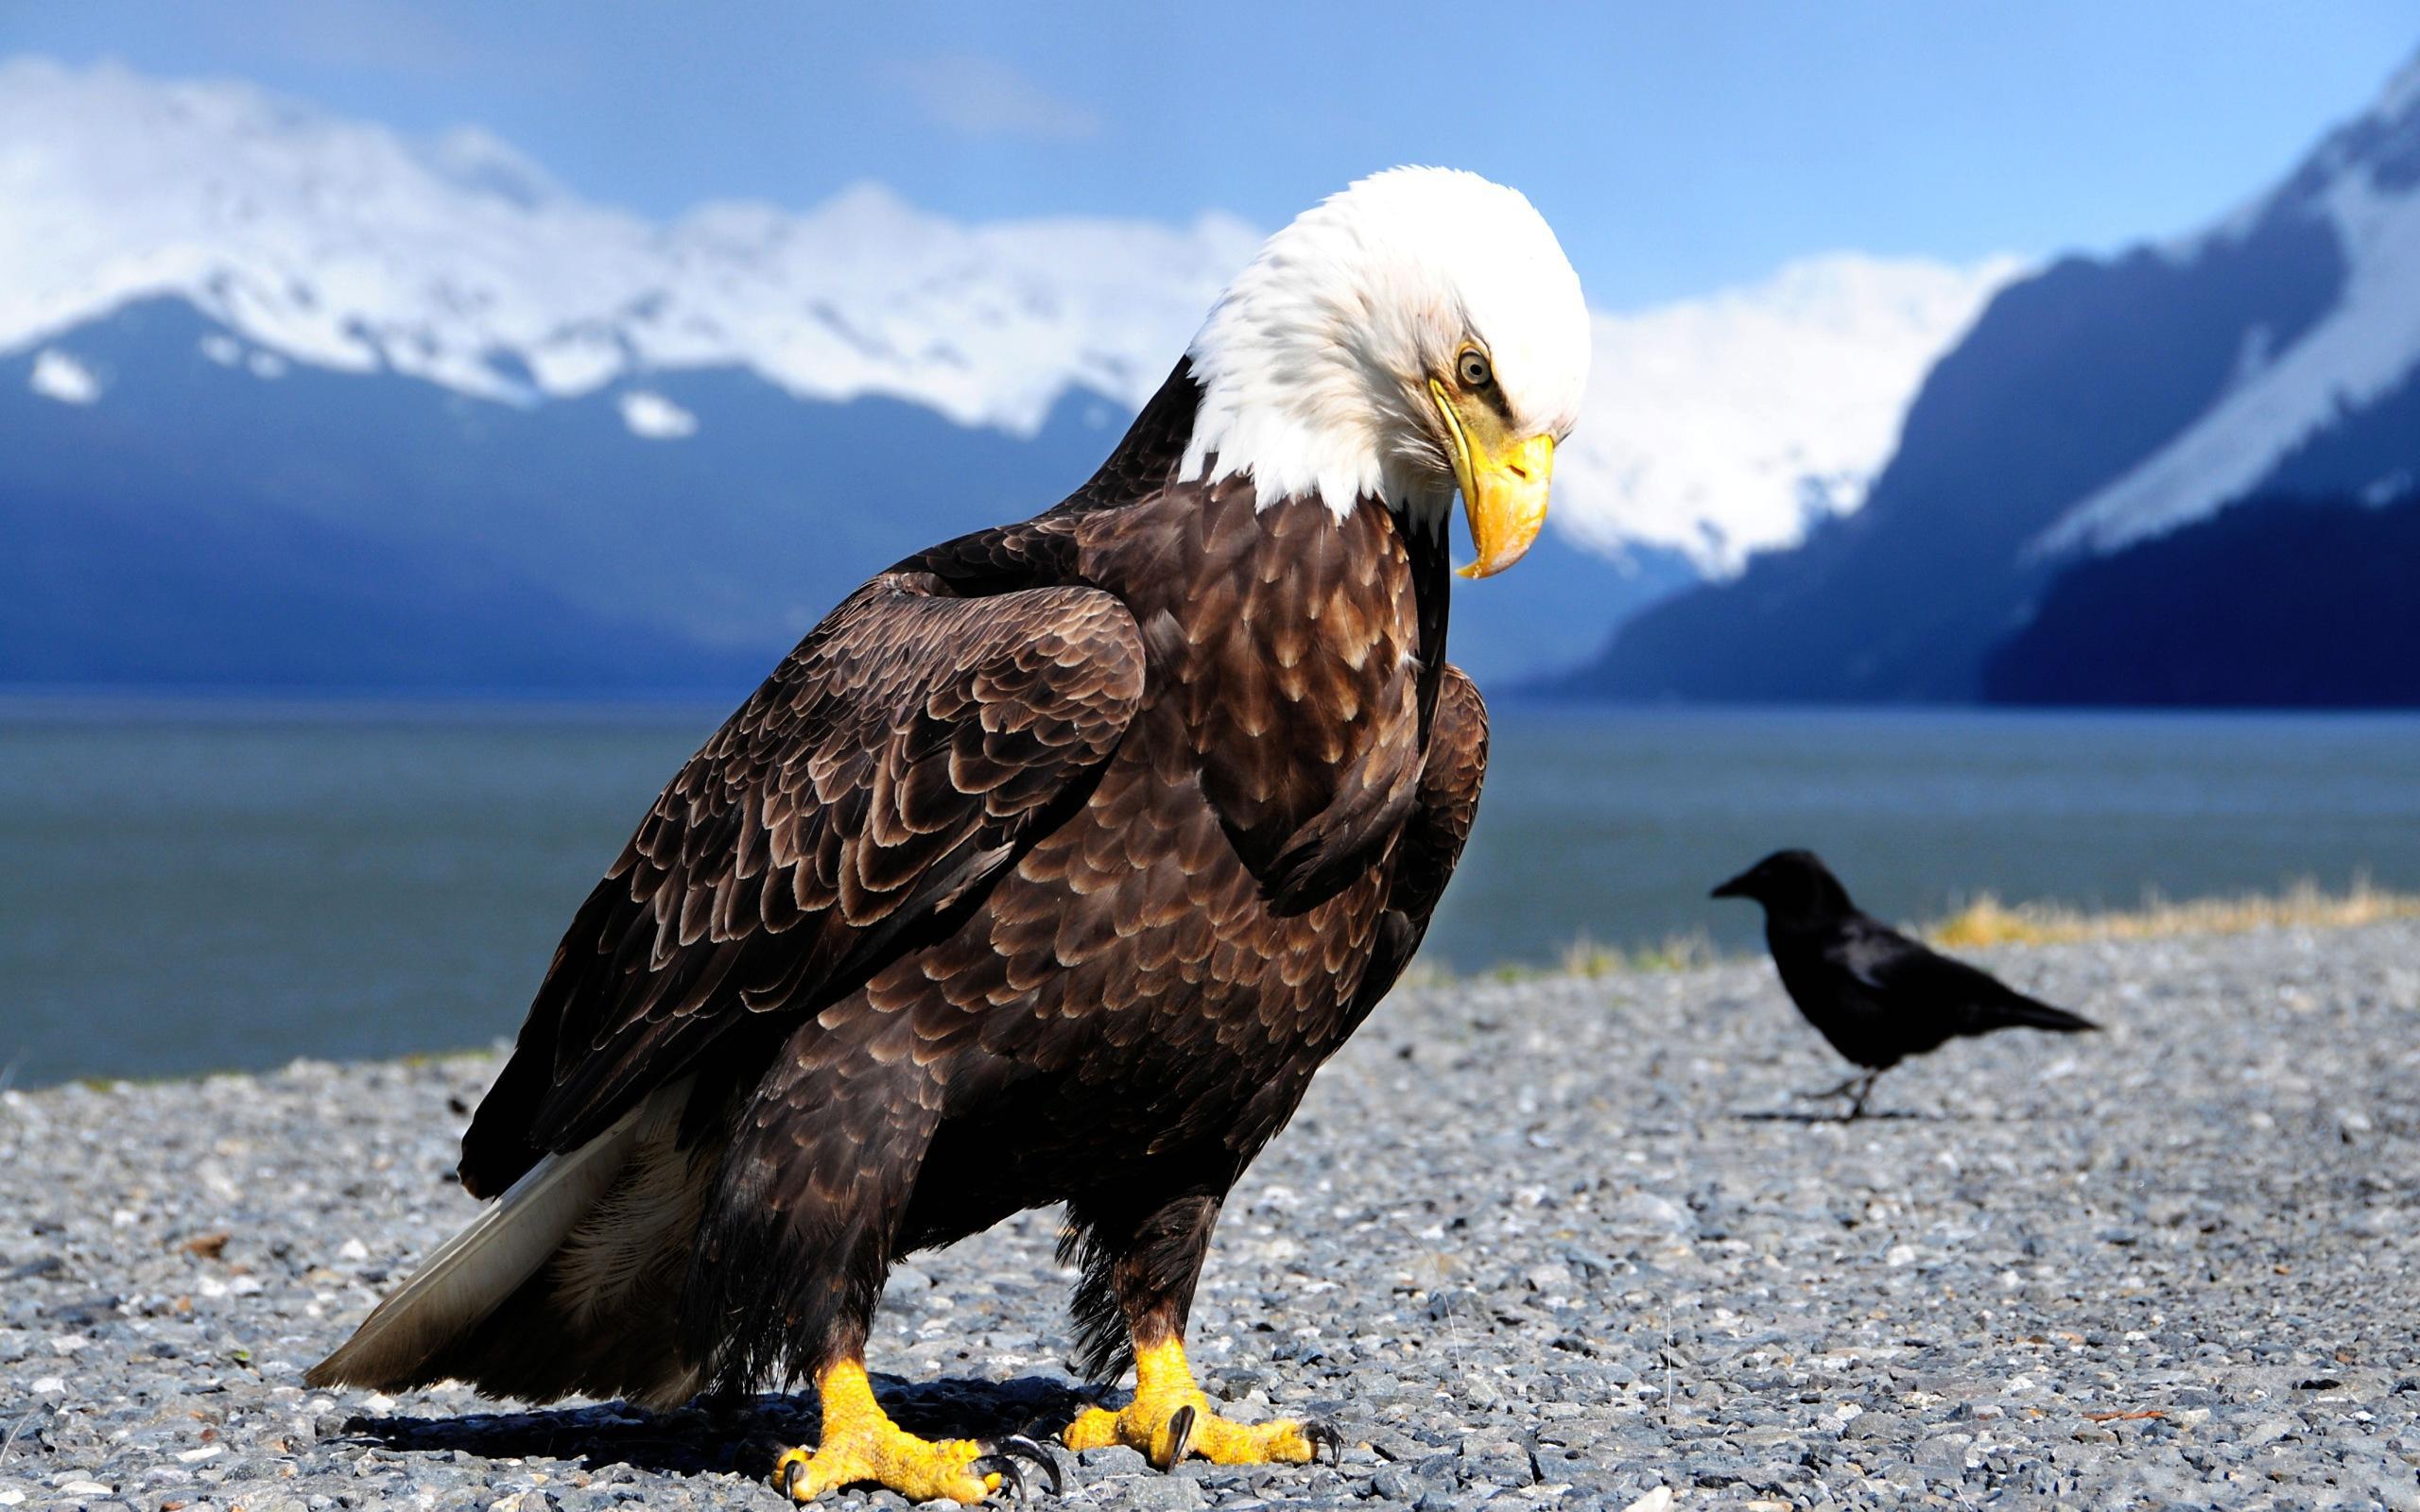 Animales - Águila Calva  Ave Águila Montaña Animales Fondo de Pantalla